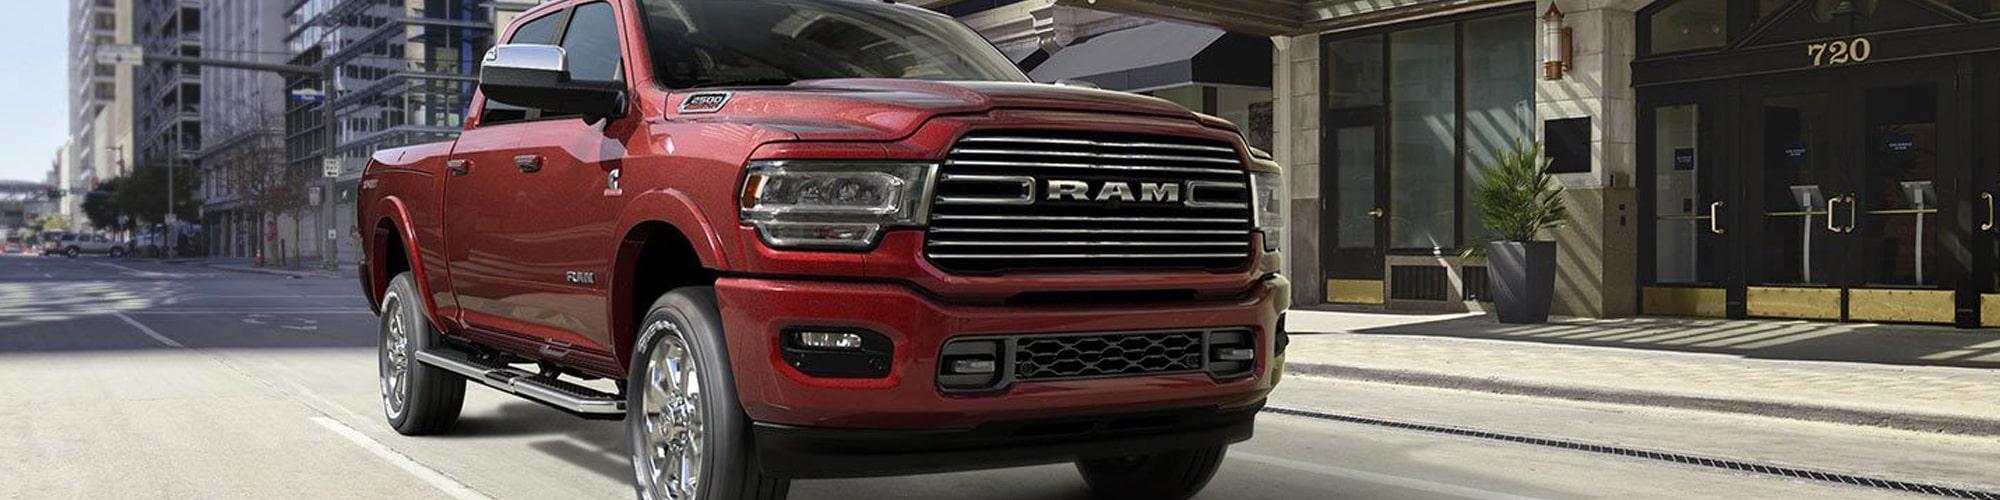 Ram 2500